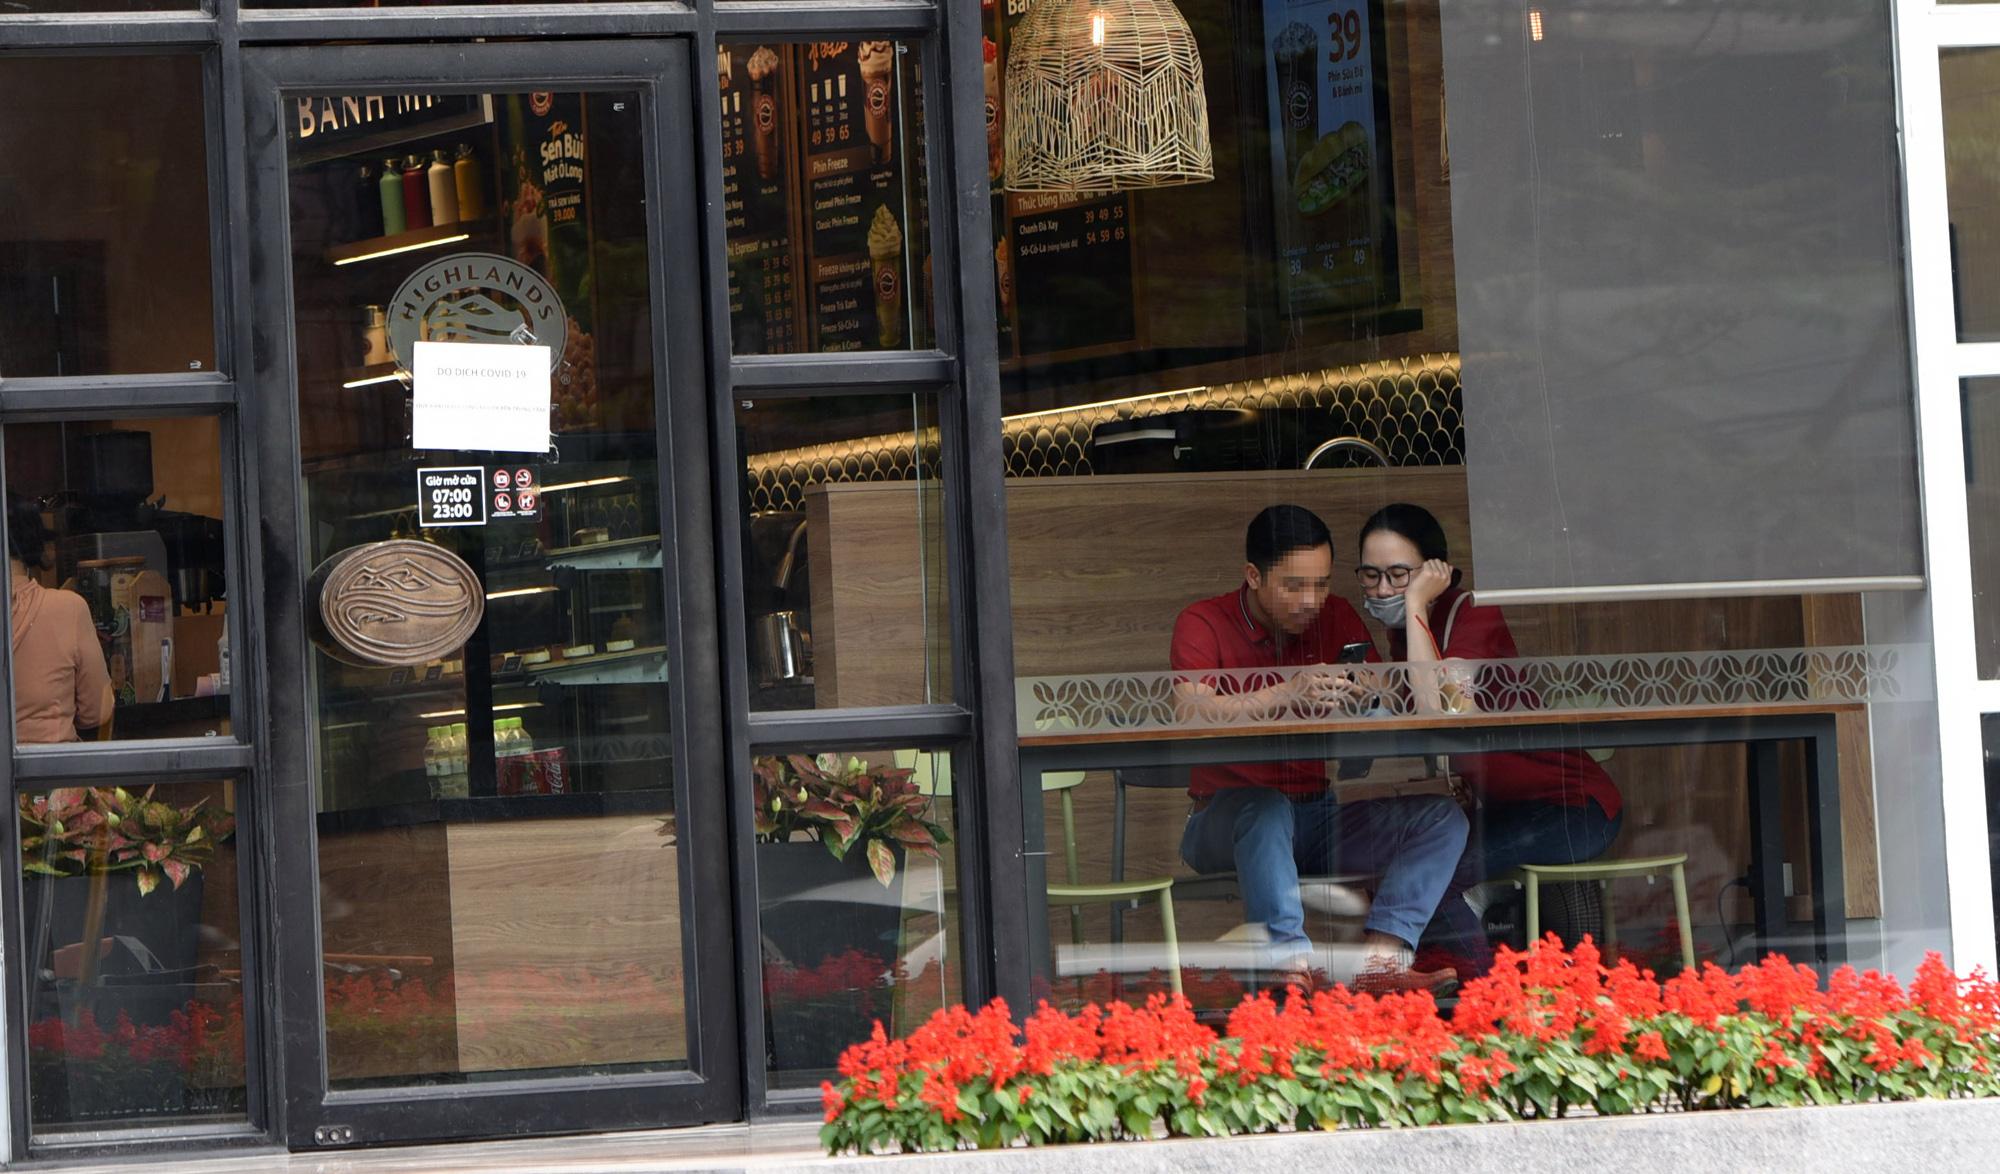 Hà Nội giữa dịch Covid-19: Người dân mặc áo mưa đi mua hàng, nhiều quán cà phê vẫn mở cửa - Ảnh 6.